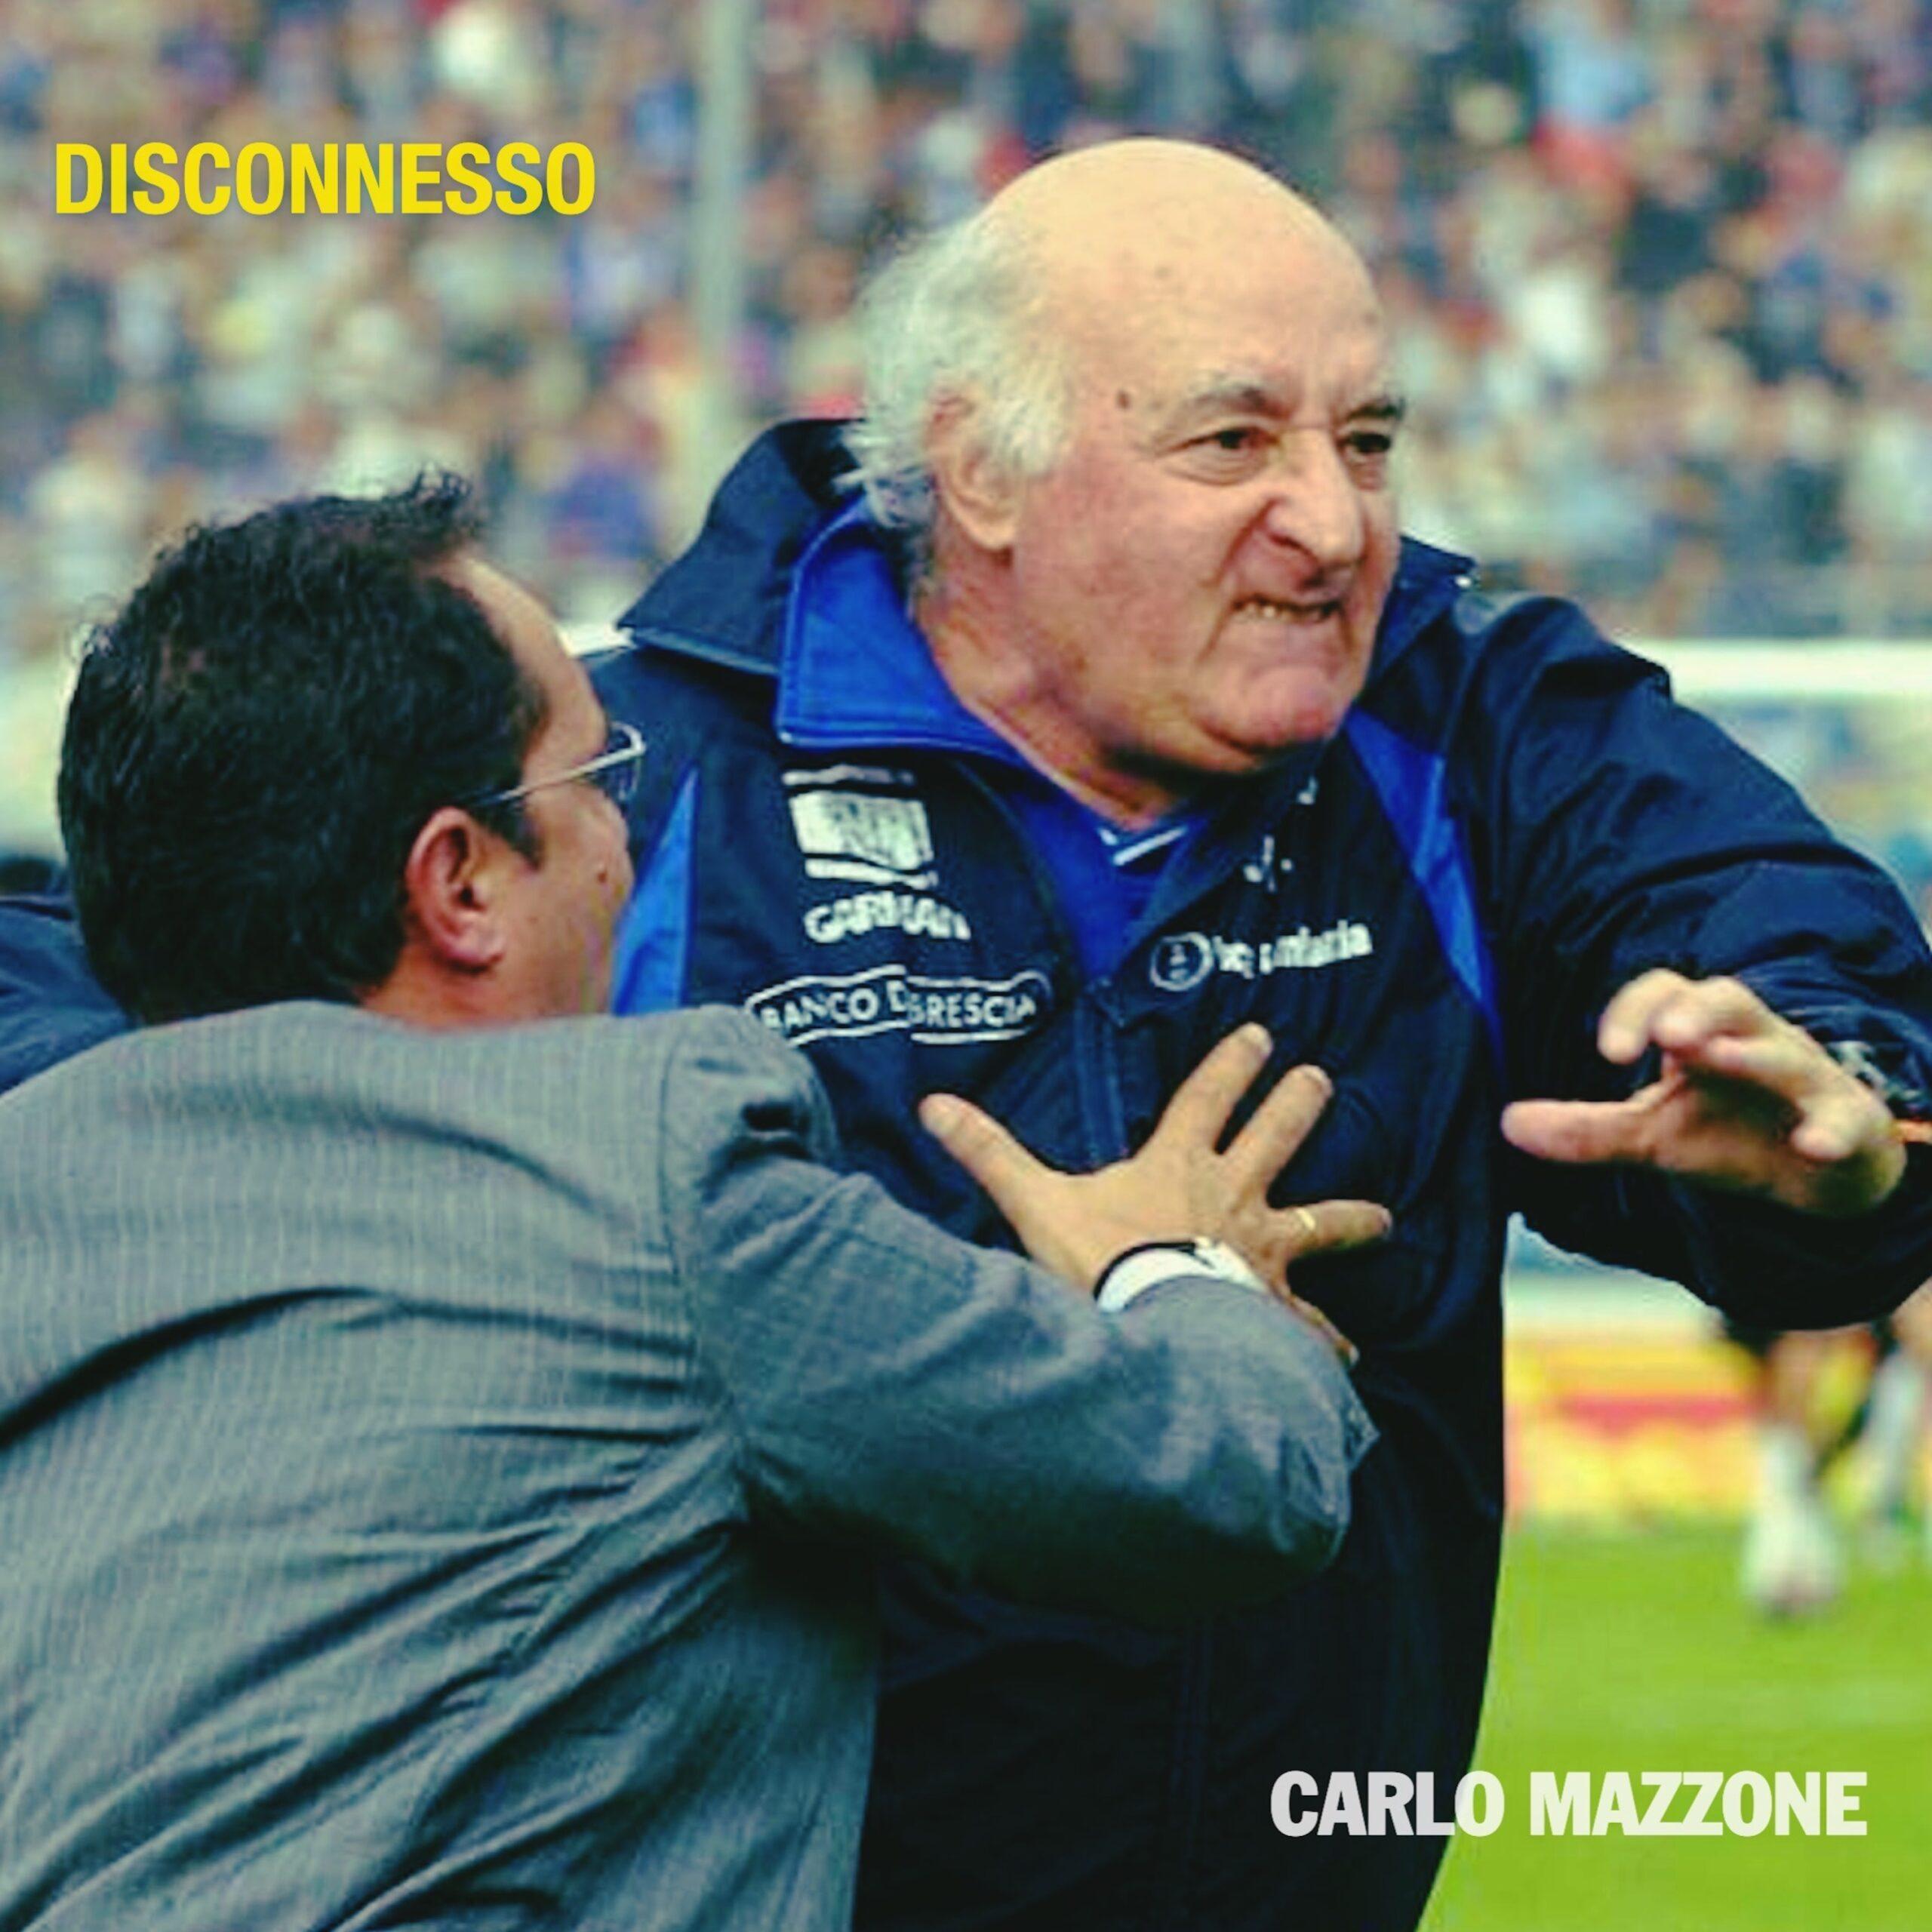 Carlo Mazzone in radio e digital nuovo singolo: Disconnesso